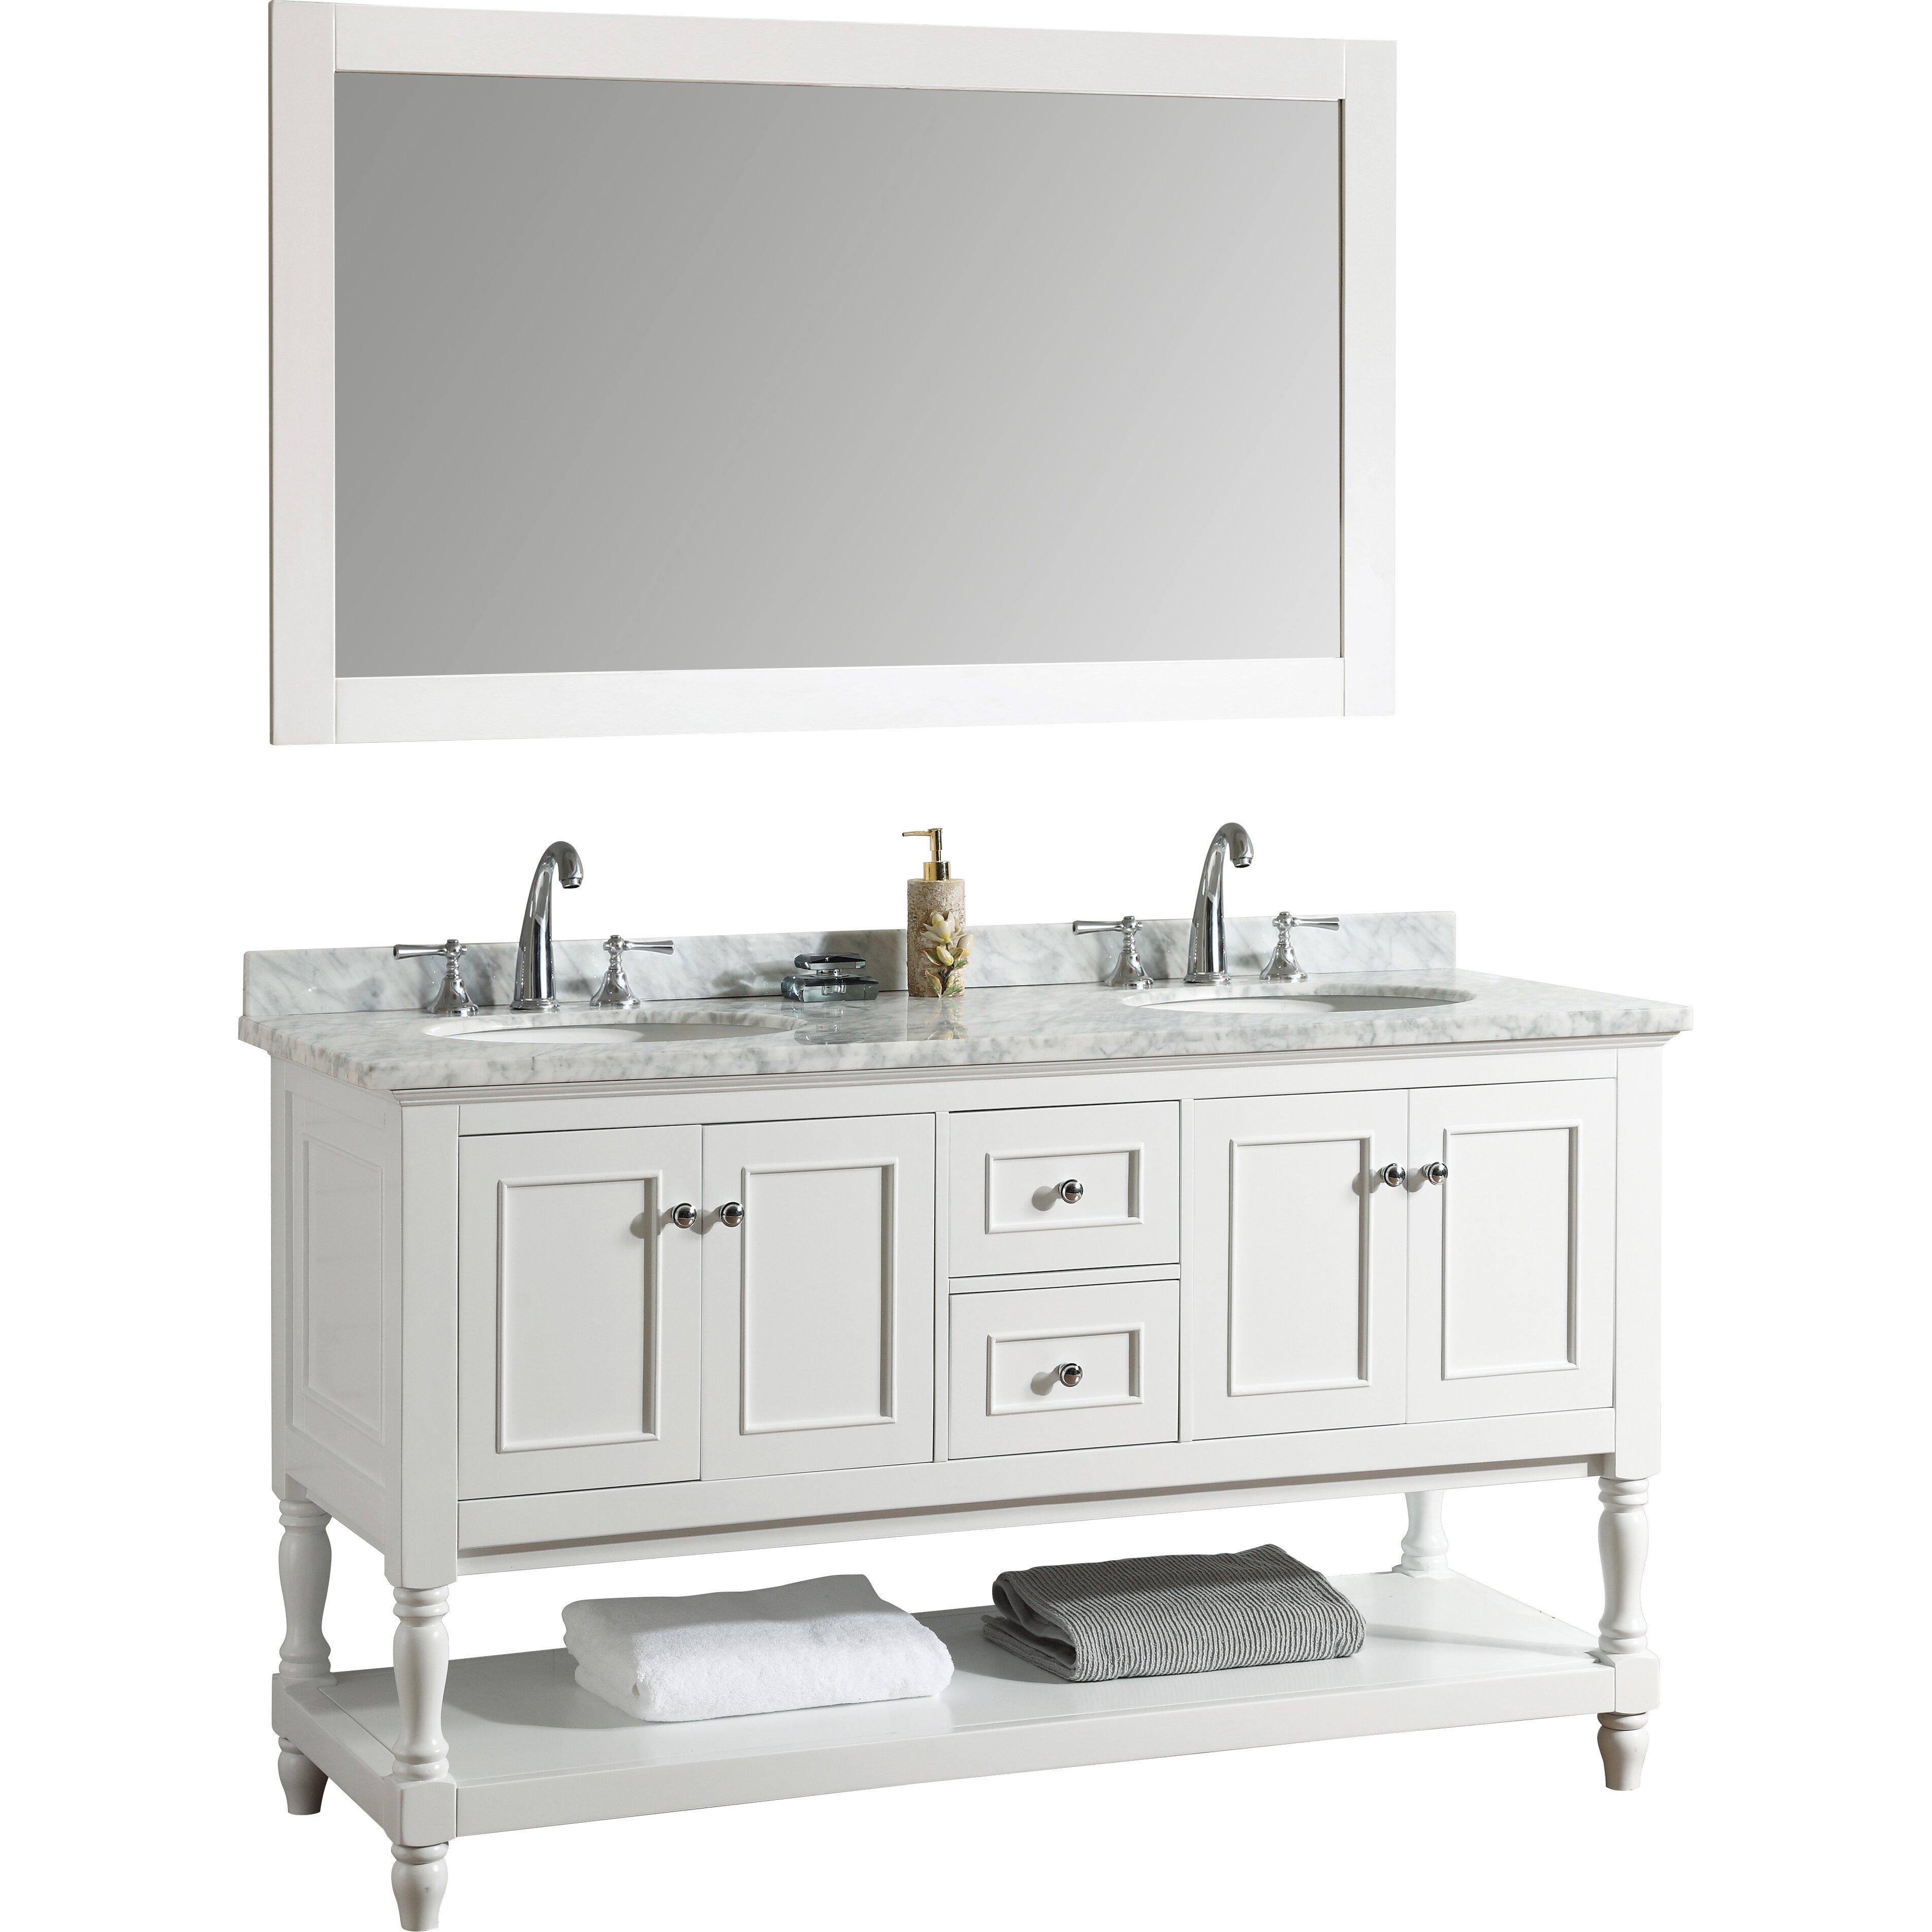 Ari kitchen bath cape cod 60 double bathroom vanity set for Bath and vanity set